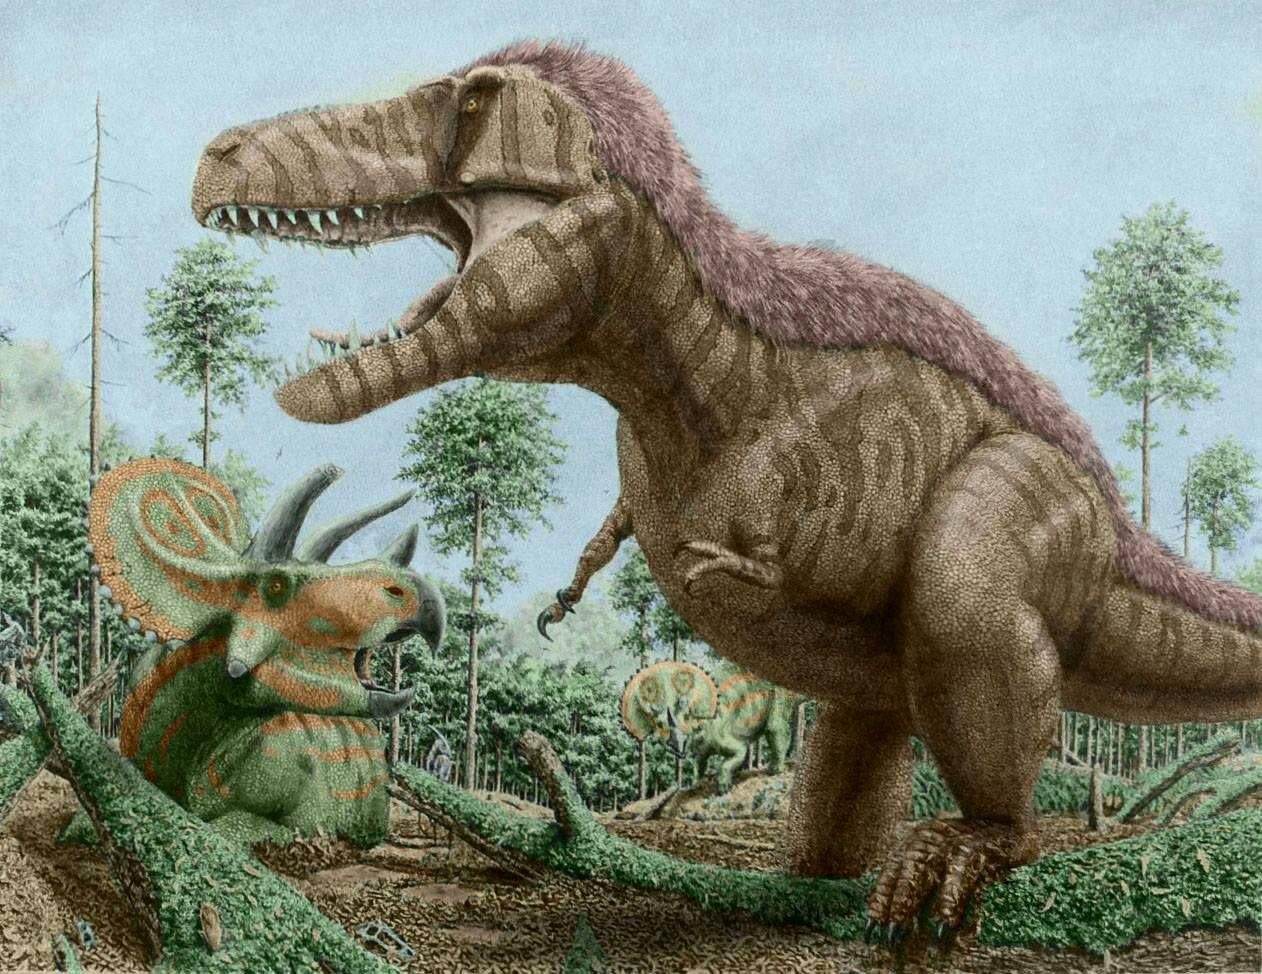 Pin De Martha Jimenez En Prehistori Animals Animales Extintos Animales Prehistoricos Dinosaurios Con estos dibujos de dinosaurios podrás imprimir y pintar grandes animales que ya se han extinguido como el branquiosaurio, el velociraptor, el tiranosaurio o el diplodocus. pinterest